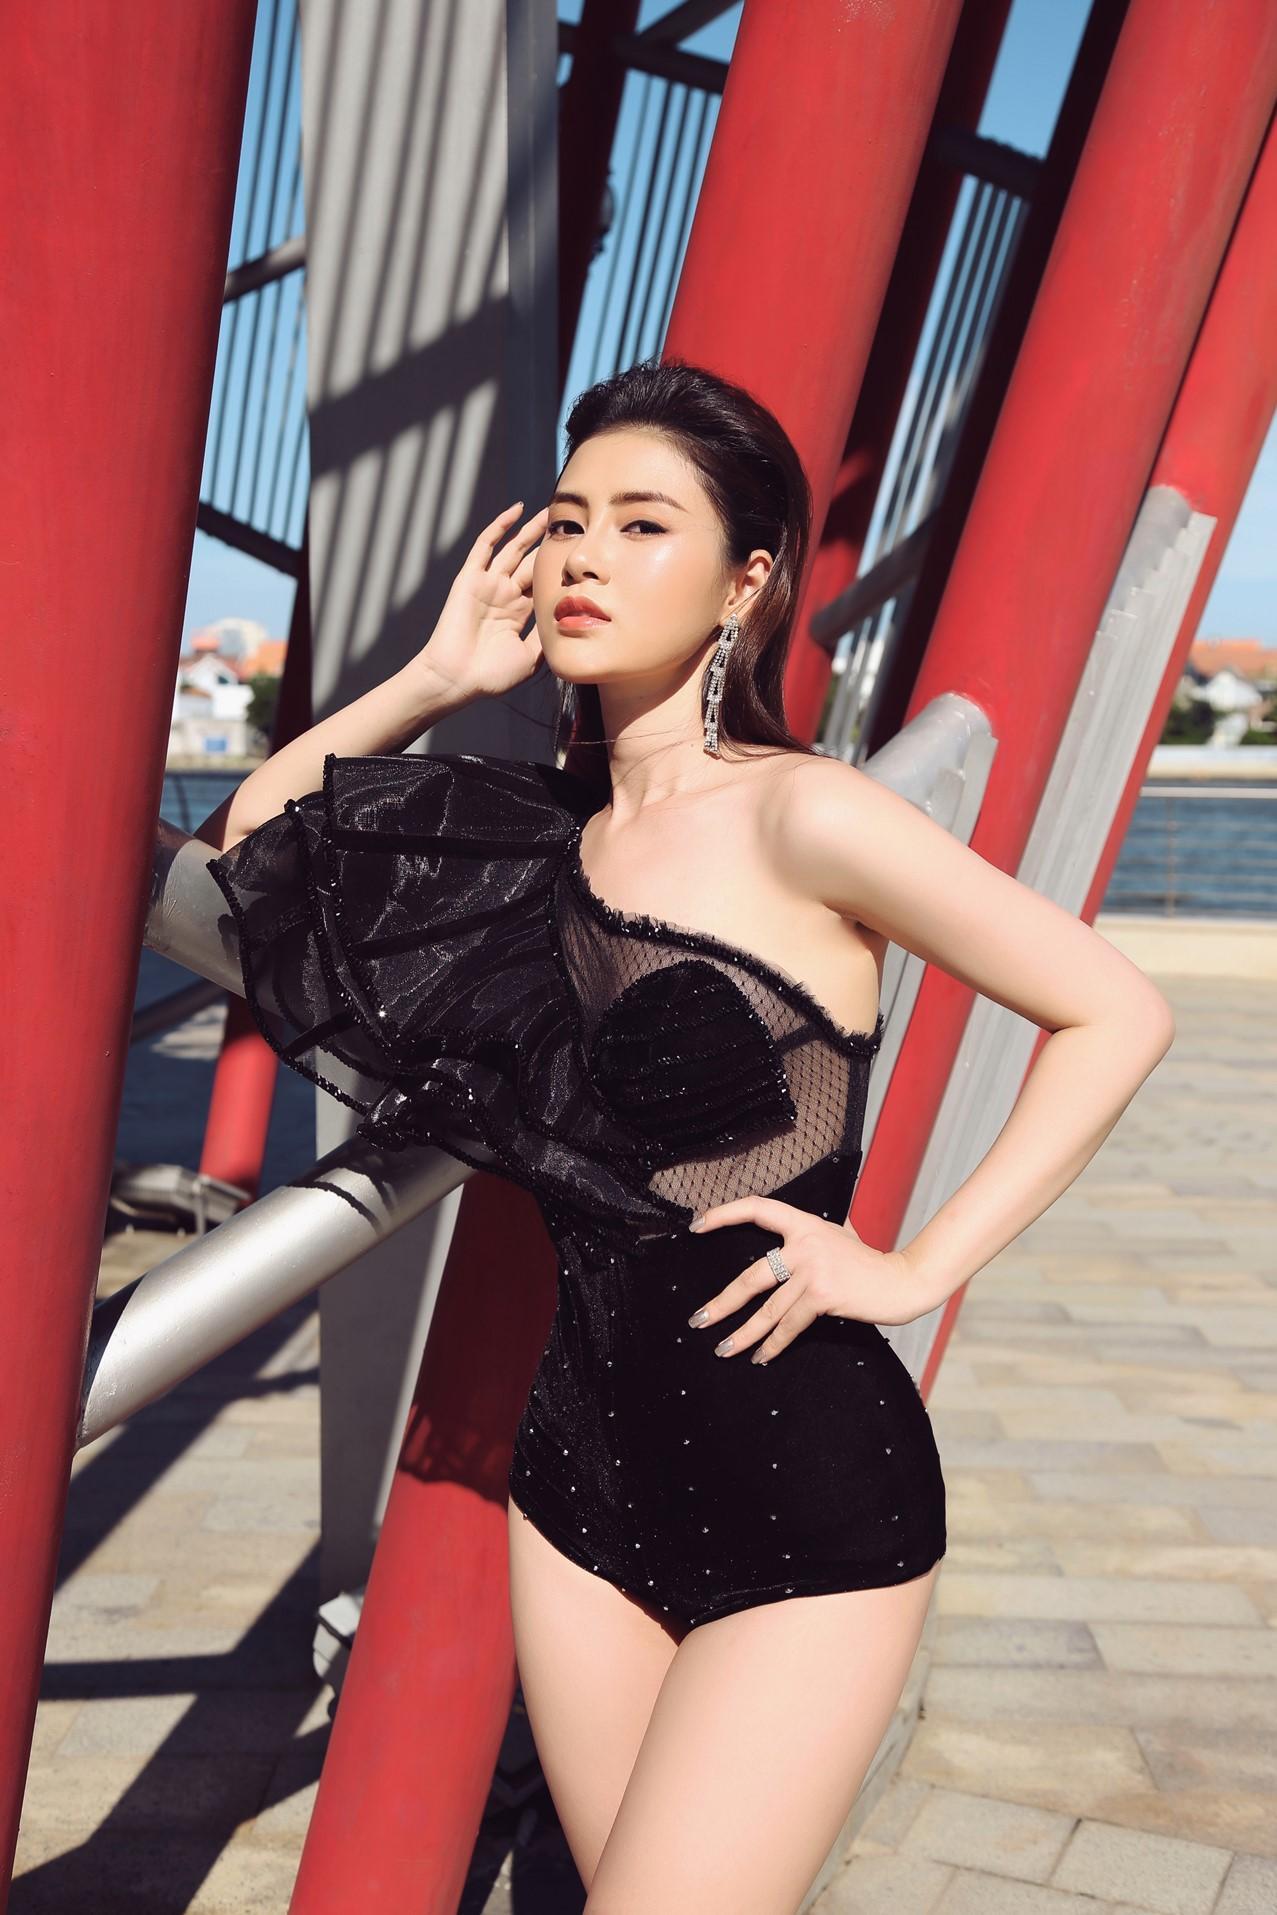 Á hậu Lý Kim Thảo khoe nhan sắc quyến rũ với trang phục gợi cảm Ảnh 3